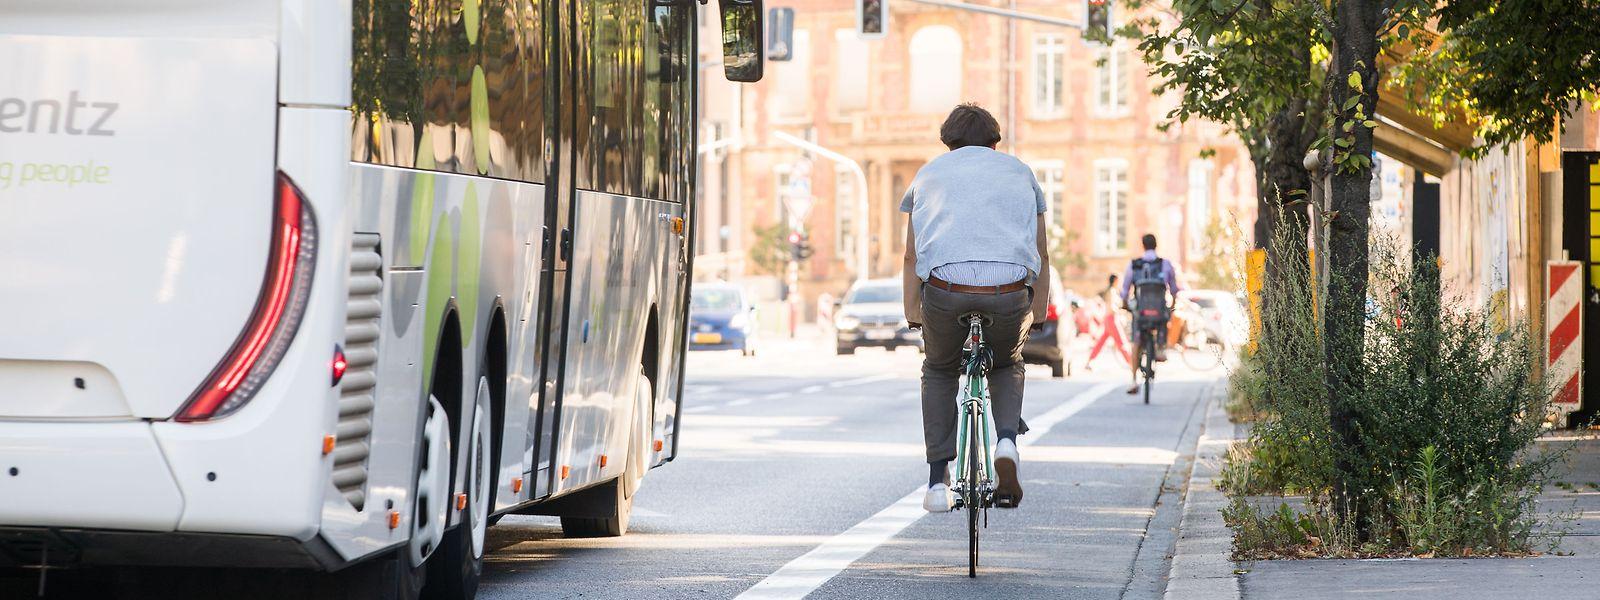 Ah, le bonheur d'une piste cyclable urbaine dégagée de tout véhicule en stationnement...